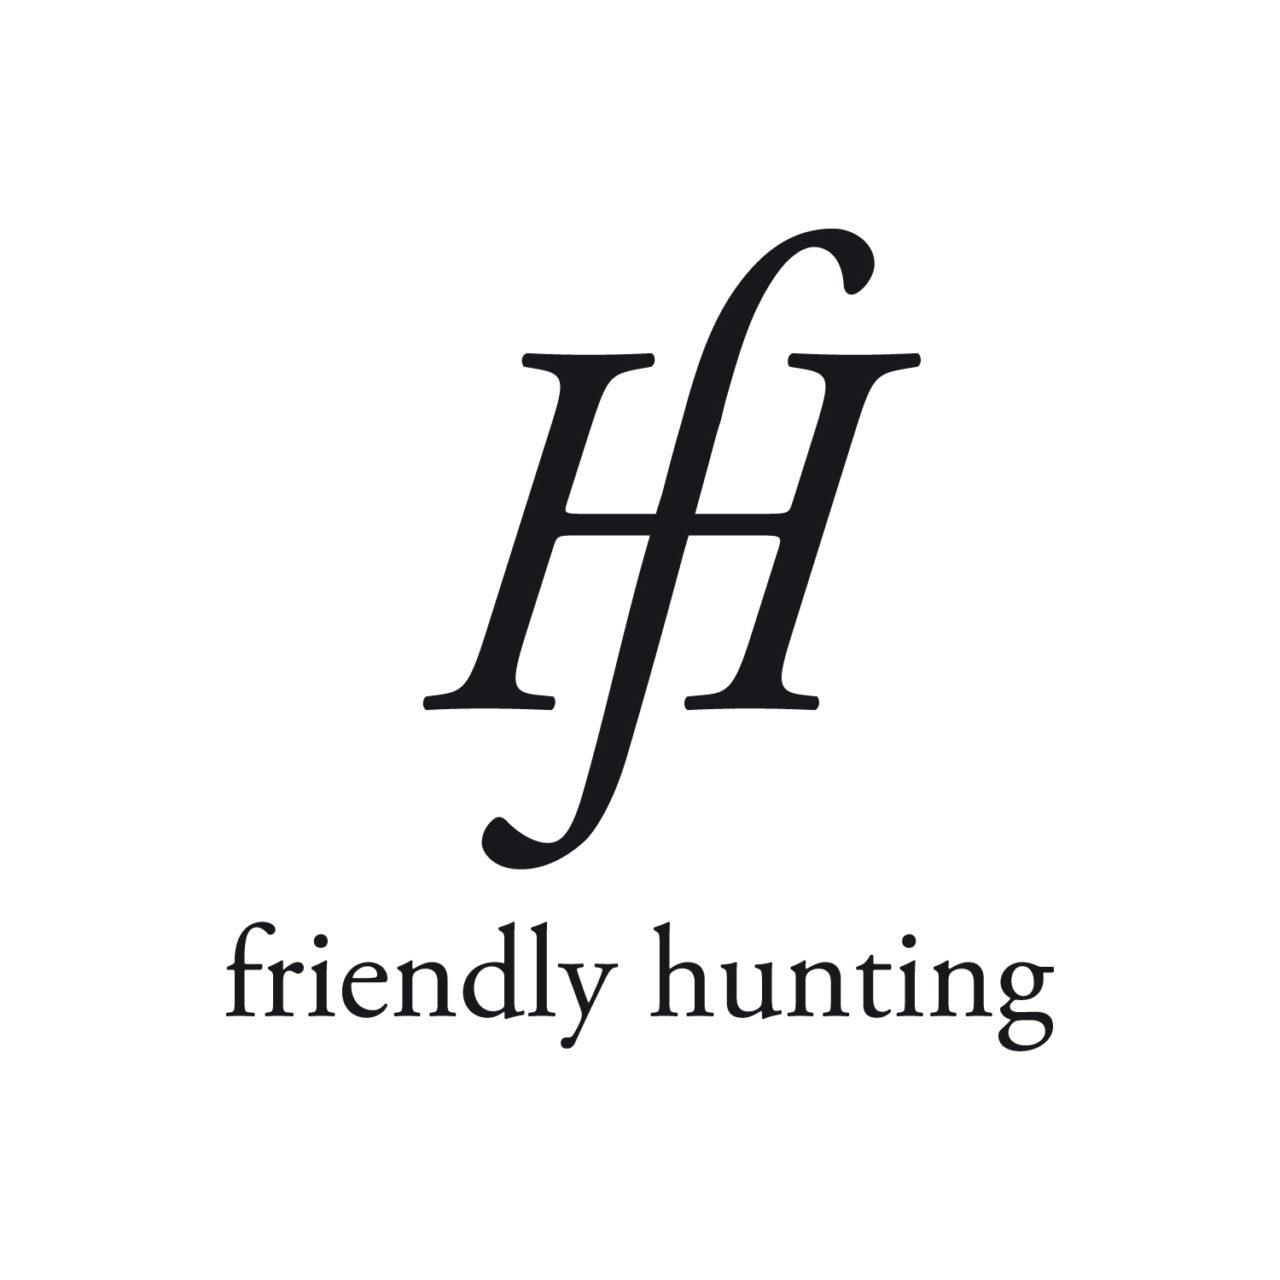 friendlyhunting